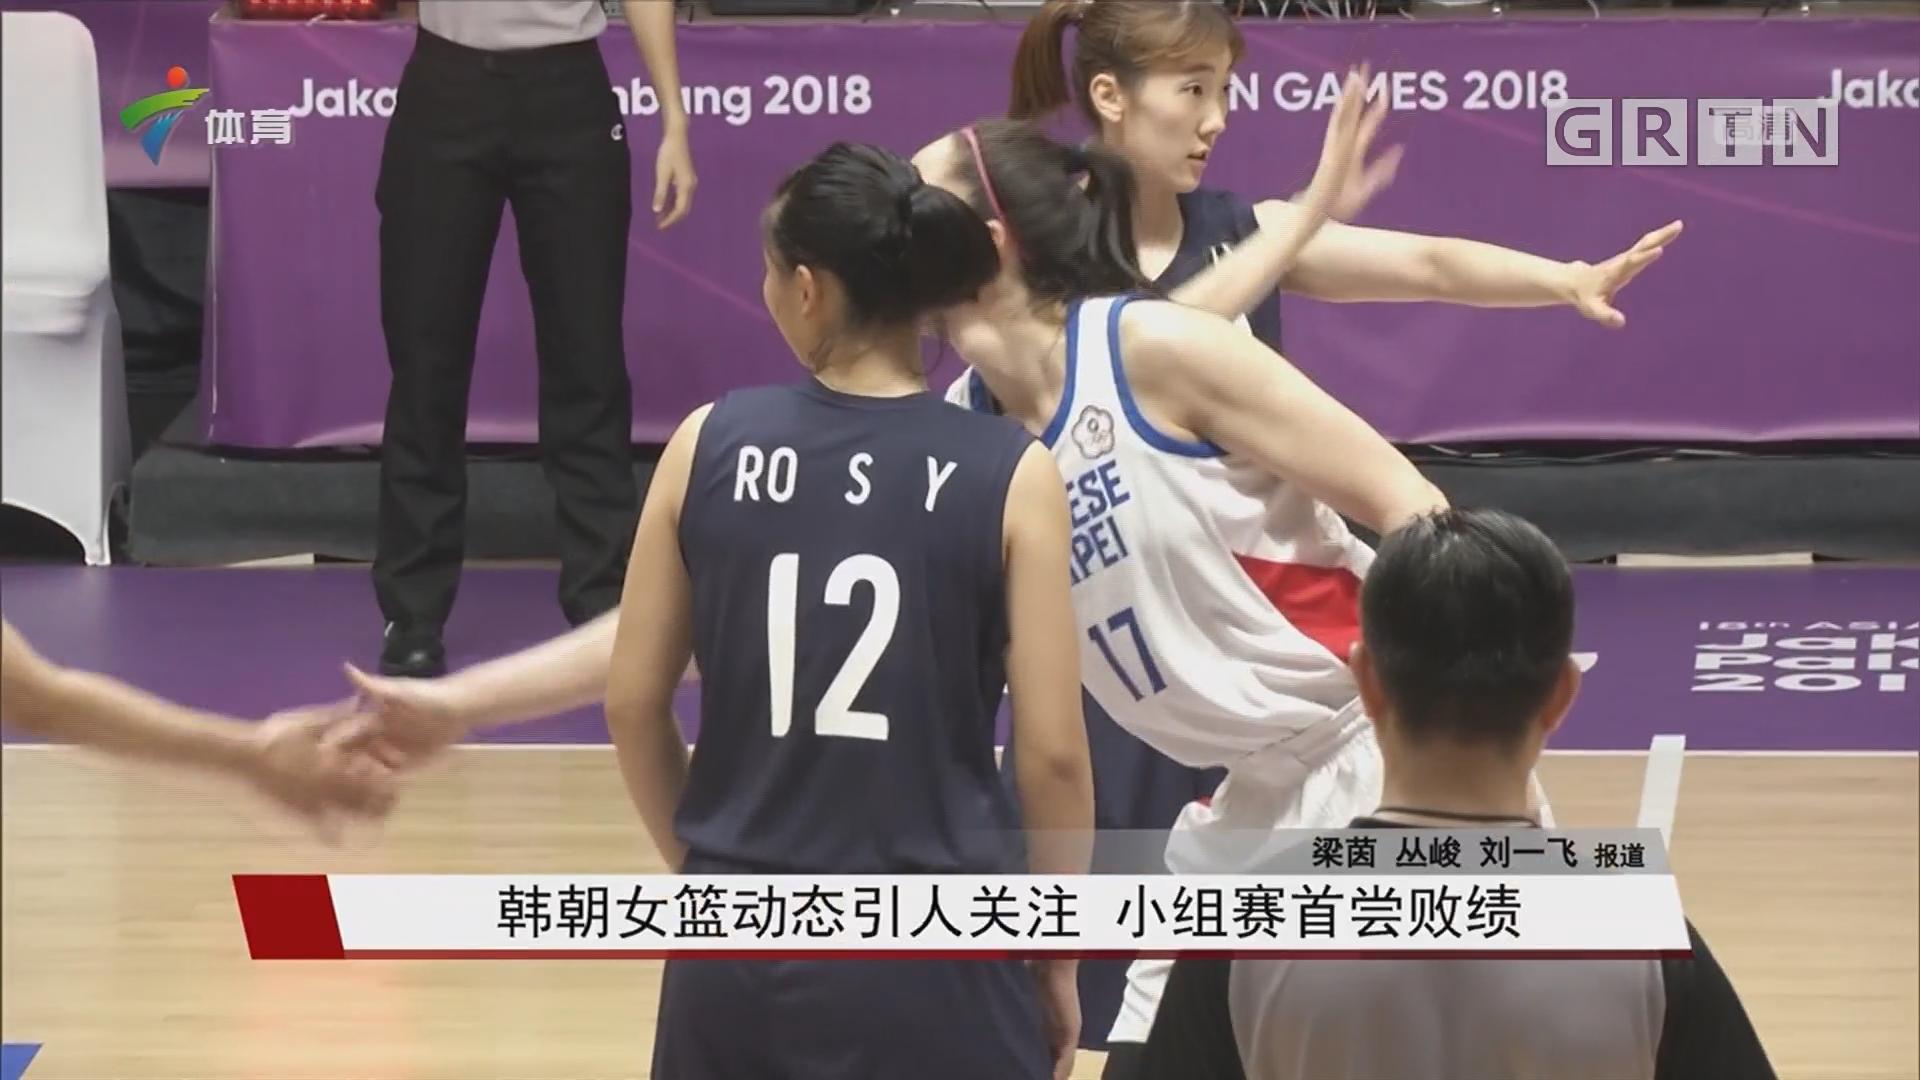 韩朝女篮动态引人关注 小组赛首尝败绩